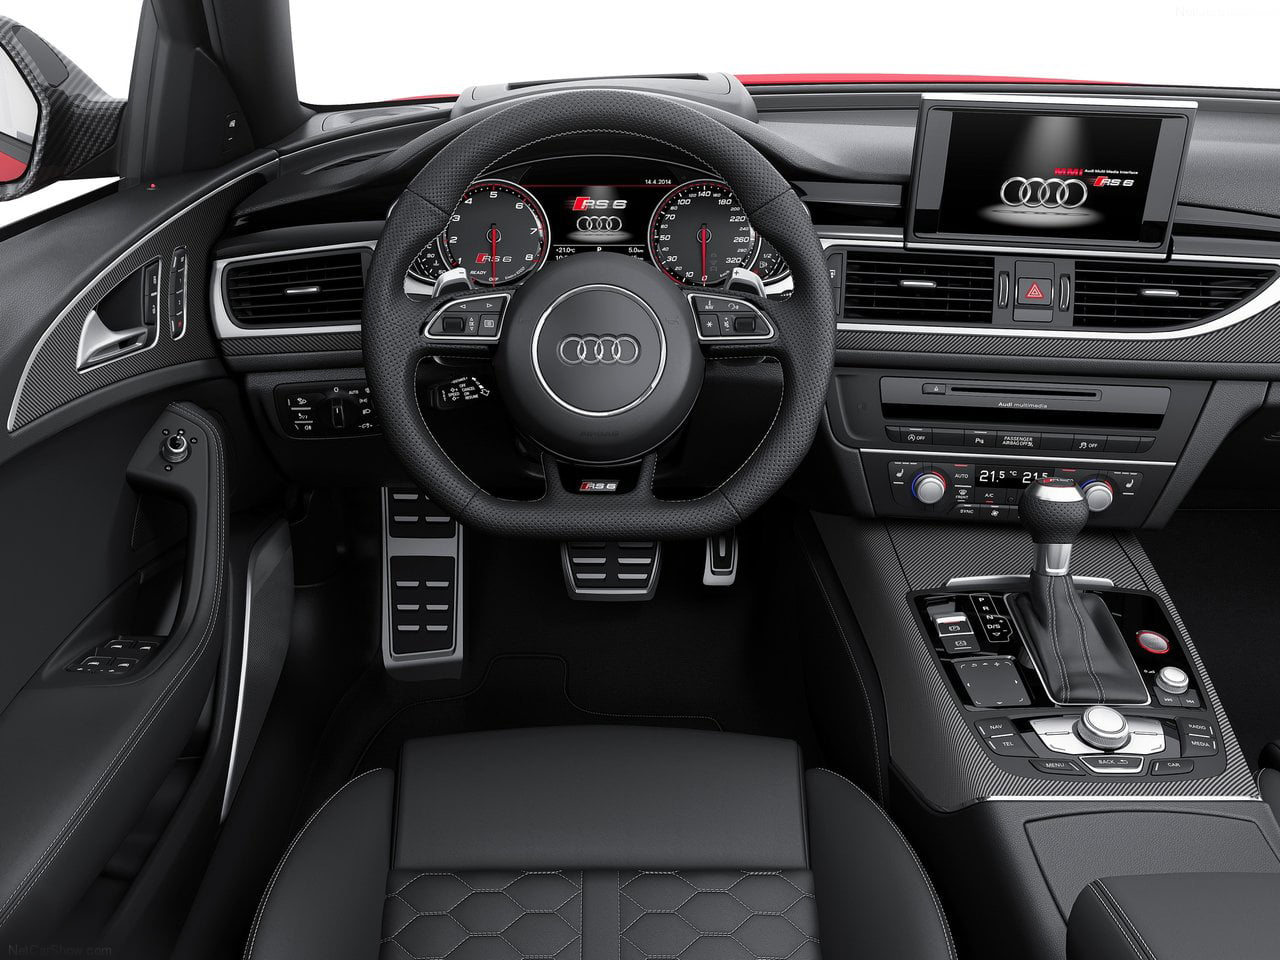 Audi Rs6 Avant 2015 India Pics Interior Carblogindia